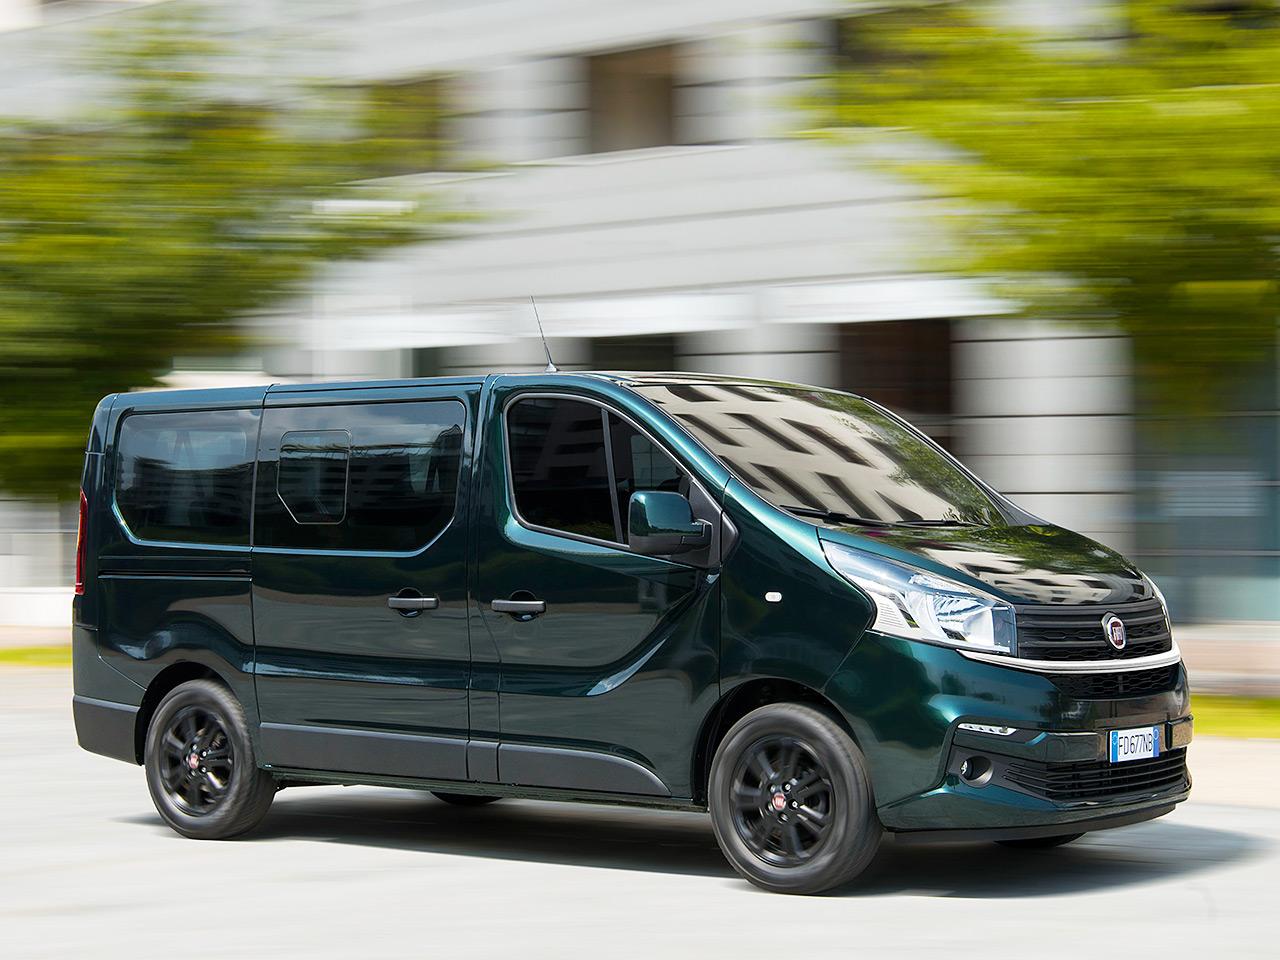 New Mercedes Suv >> Fiat Talento (2016): Preis und Marktstart | autozeitung.de